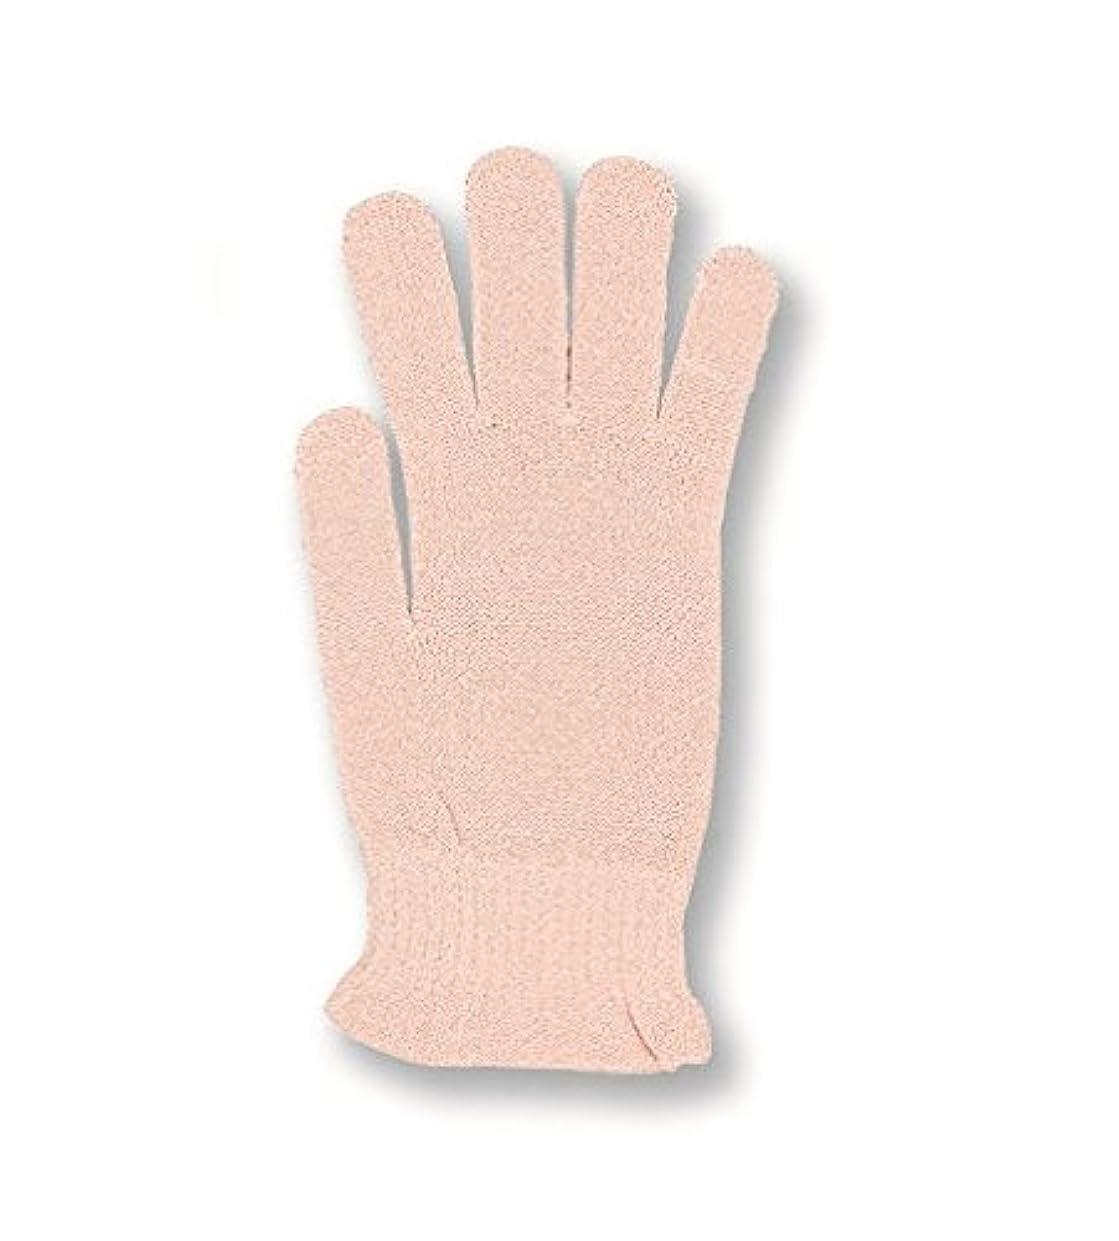 付き添い人統治可能寮コクーンフィット シルク おやすみ手袋 ピーチ